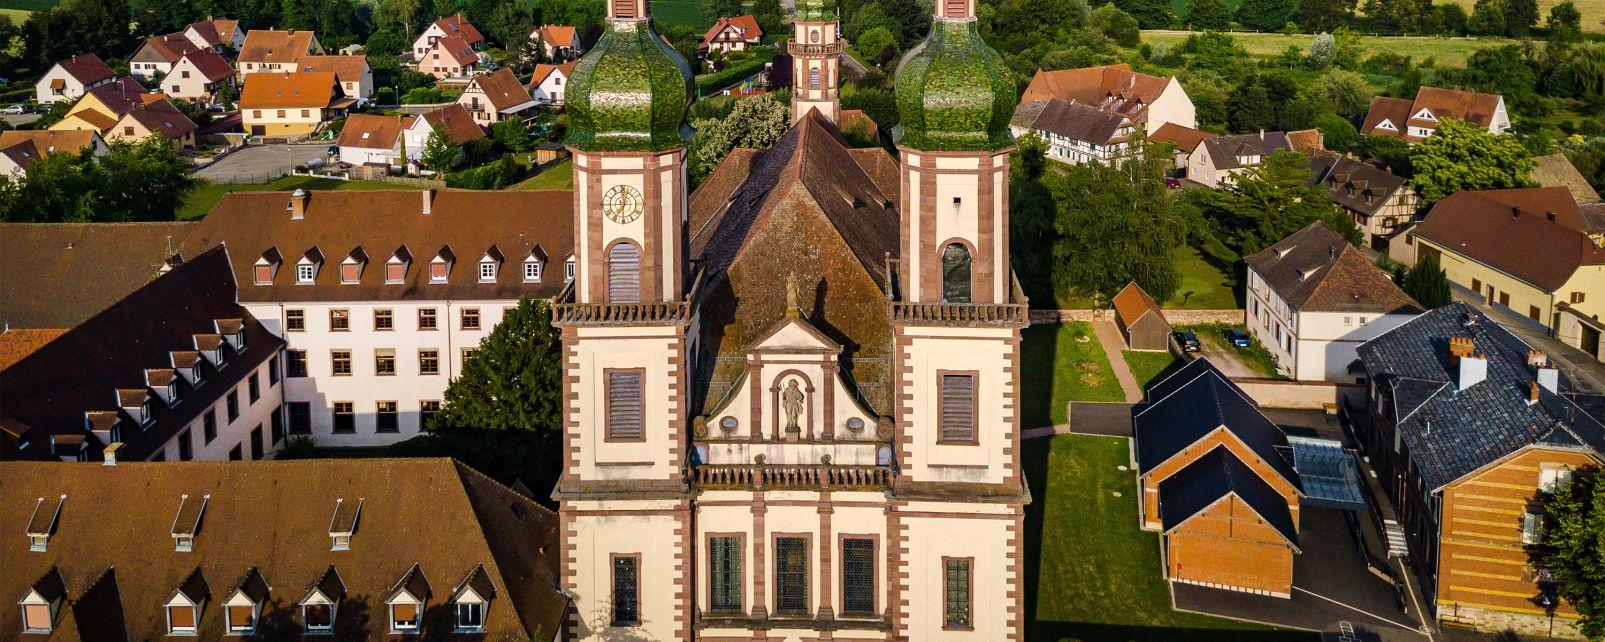 L'Abbatiale Sainte-Maurice, L'Abbatiale  Sainte-Maurice, Les monuments, Alsace